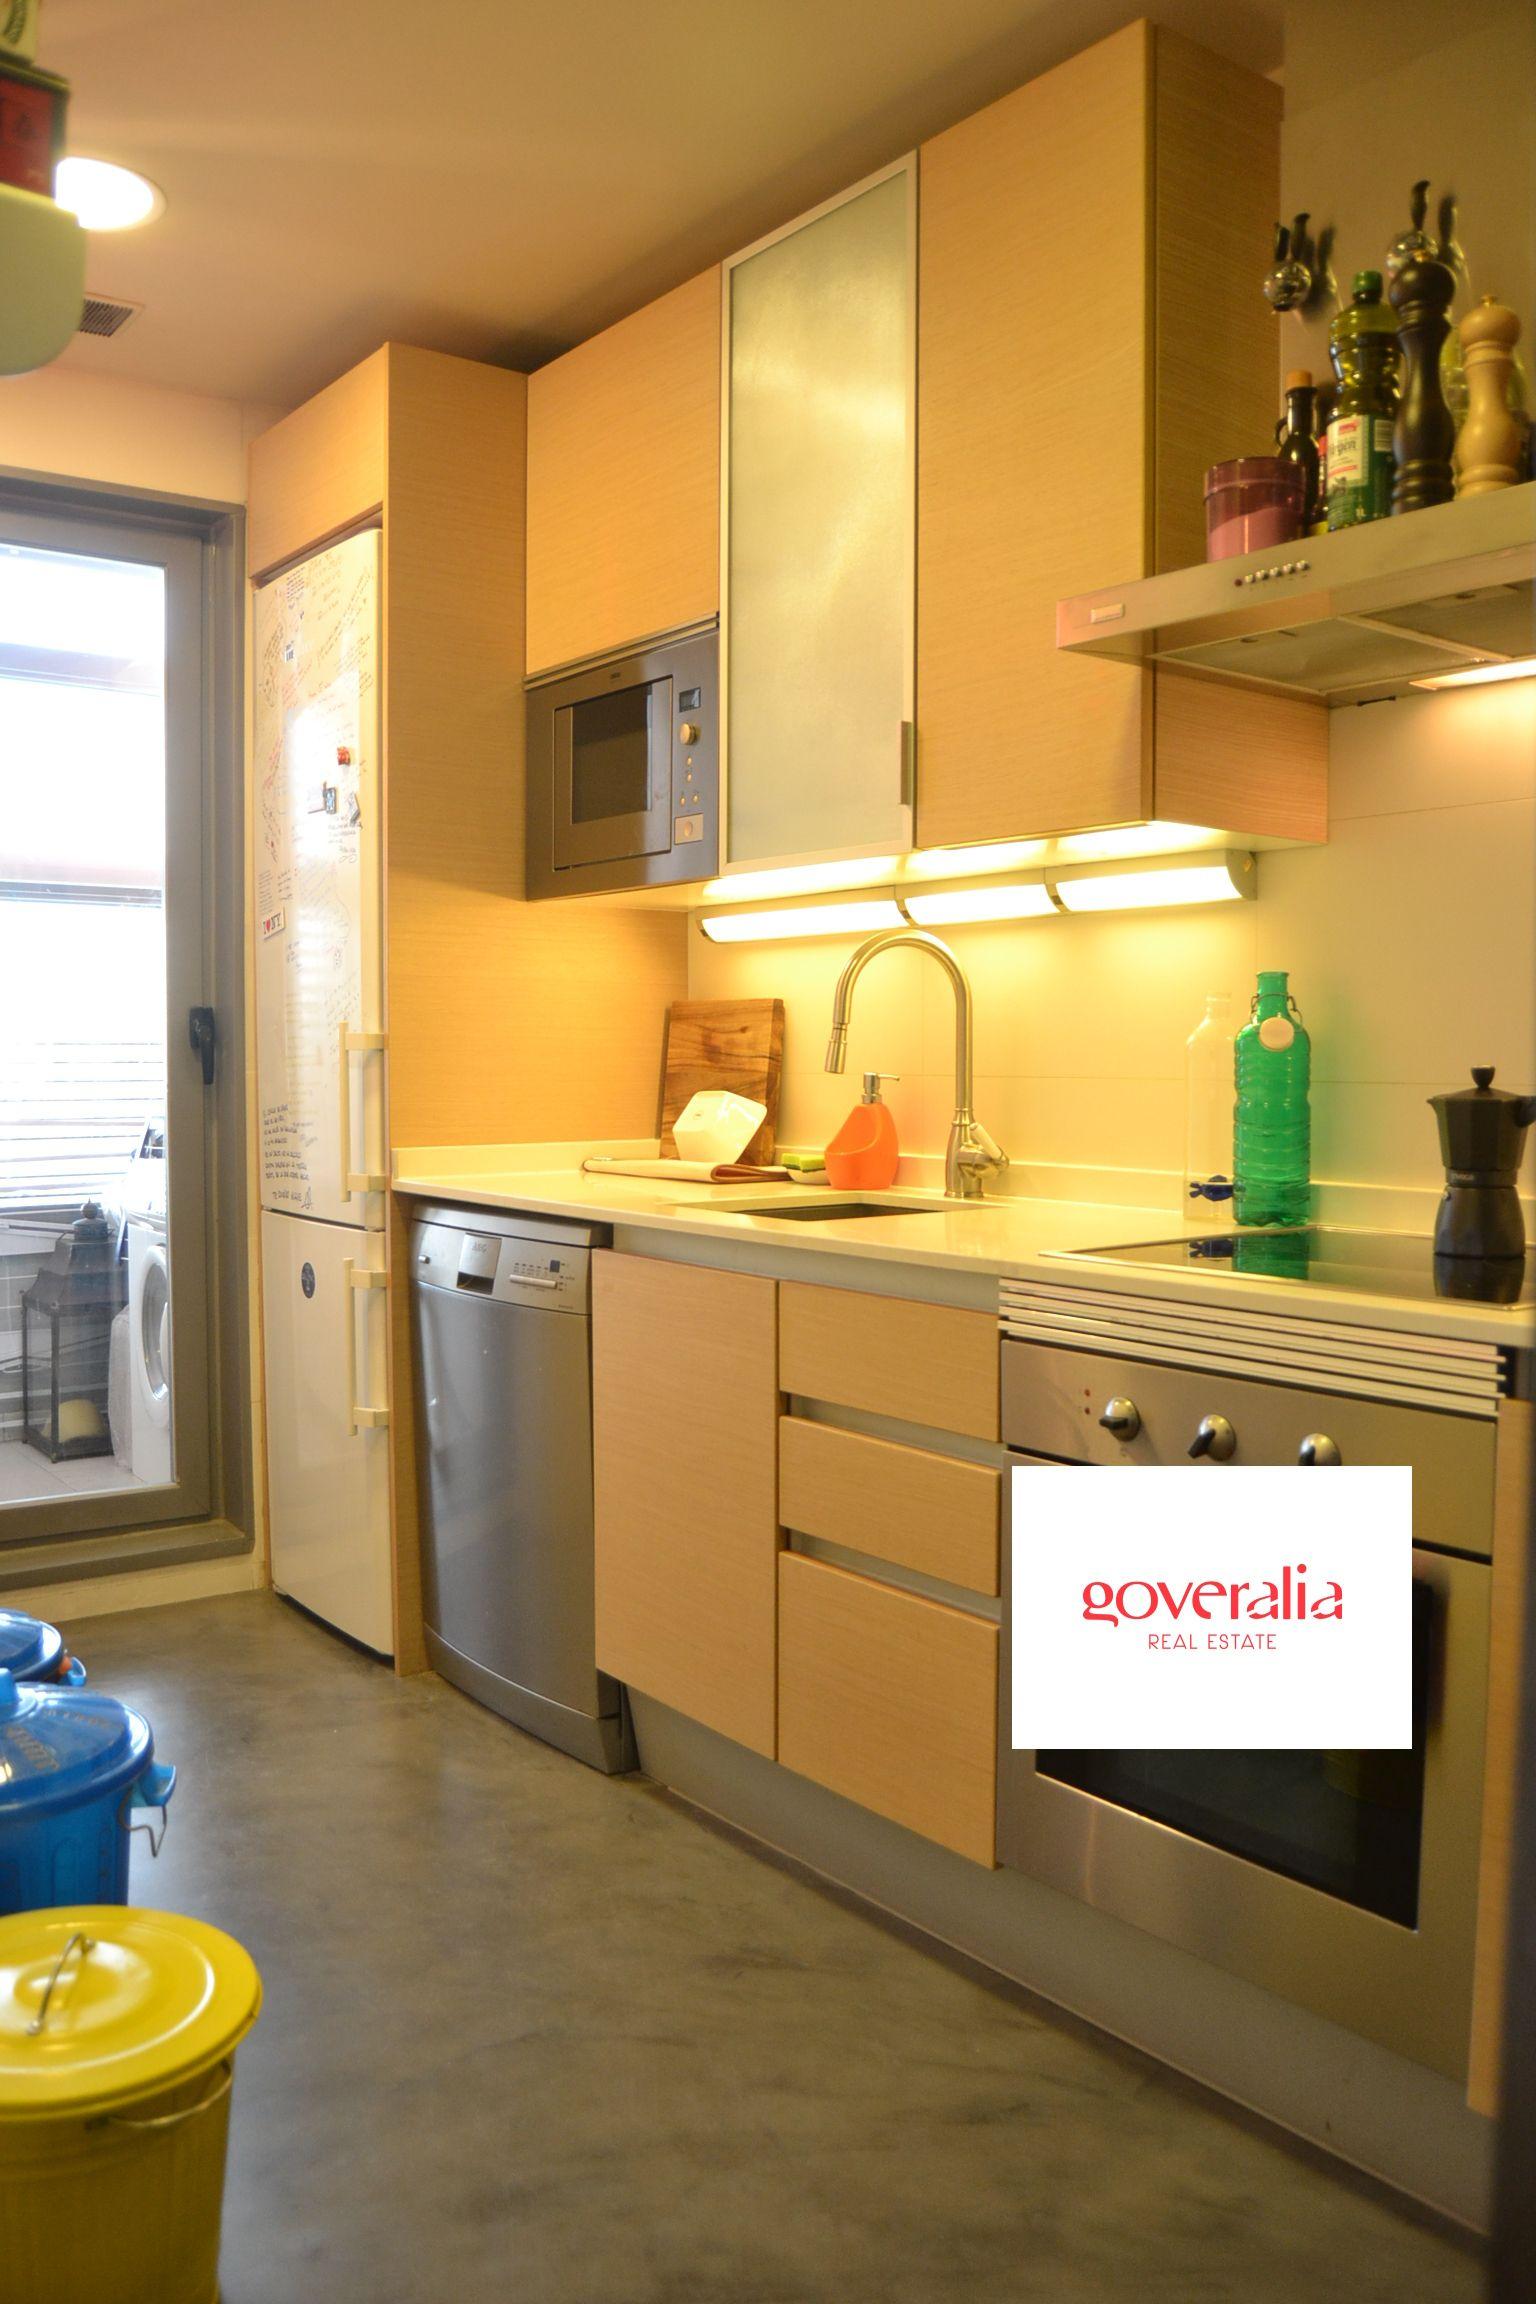 Alquileres en madrid cocina en cemento pulido concreto cemento cemento pulido cocina - Cocina cemento pulido ...